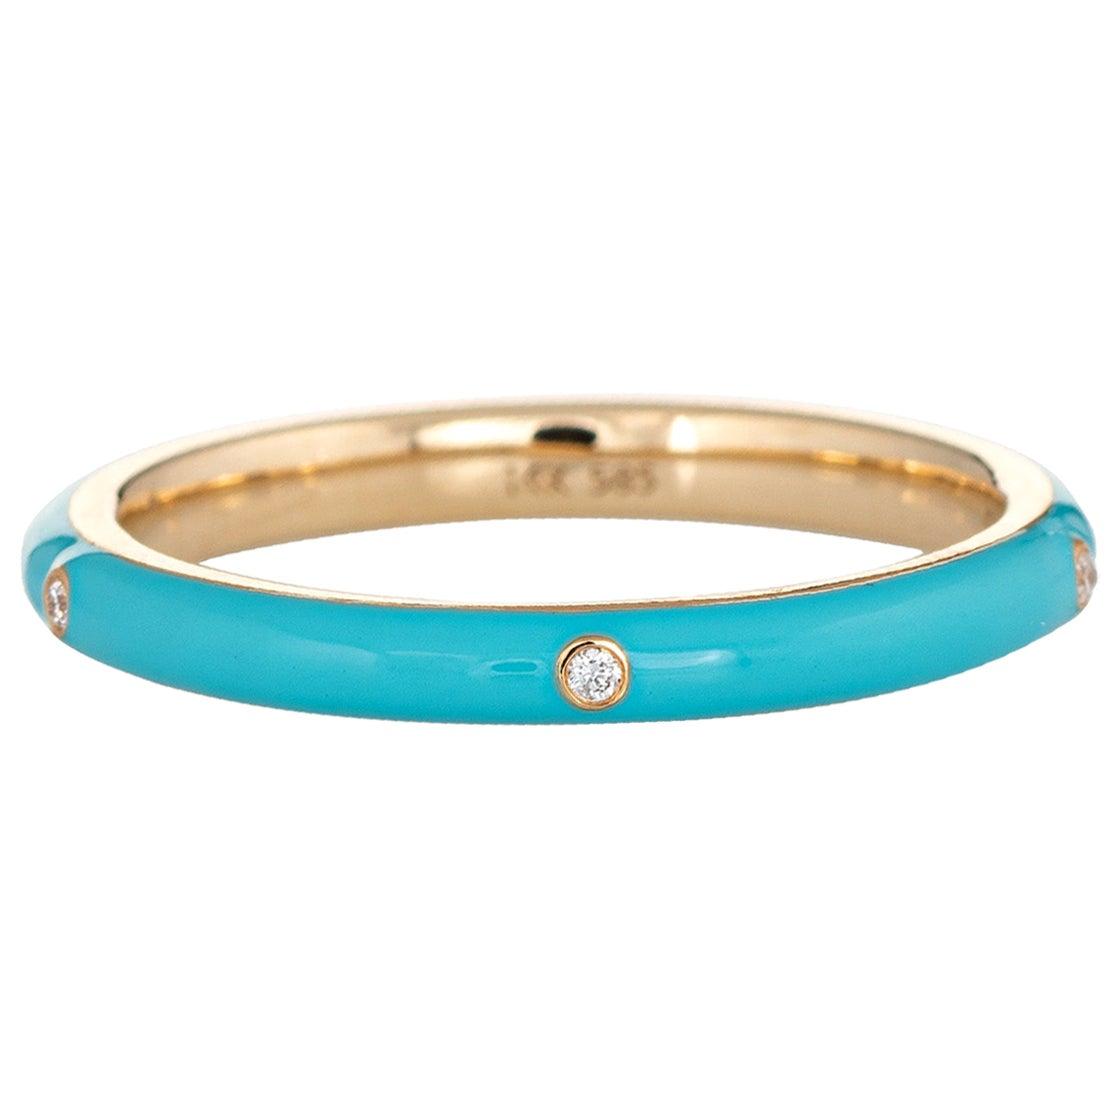 Turquoise Enamel Diamond Ring 14 Karat Yellow Gold Stacking Band Jewelry